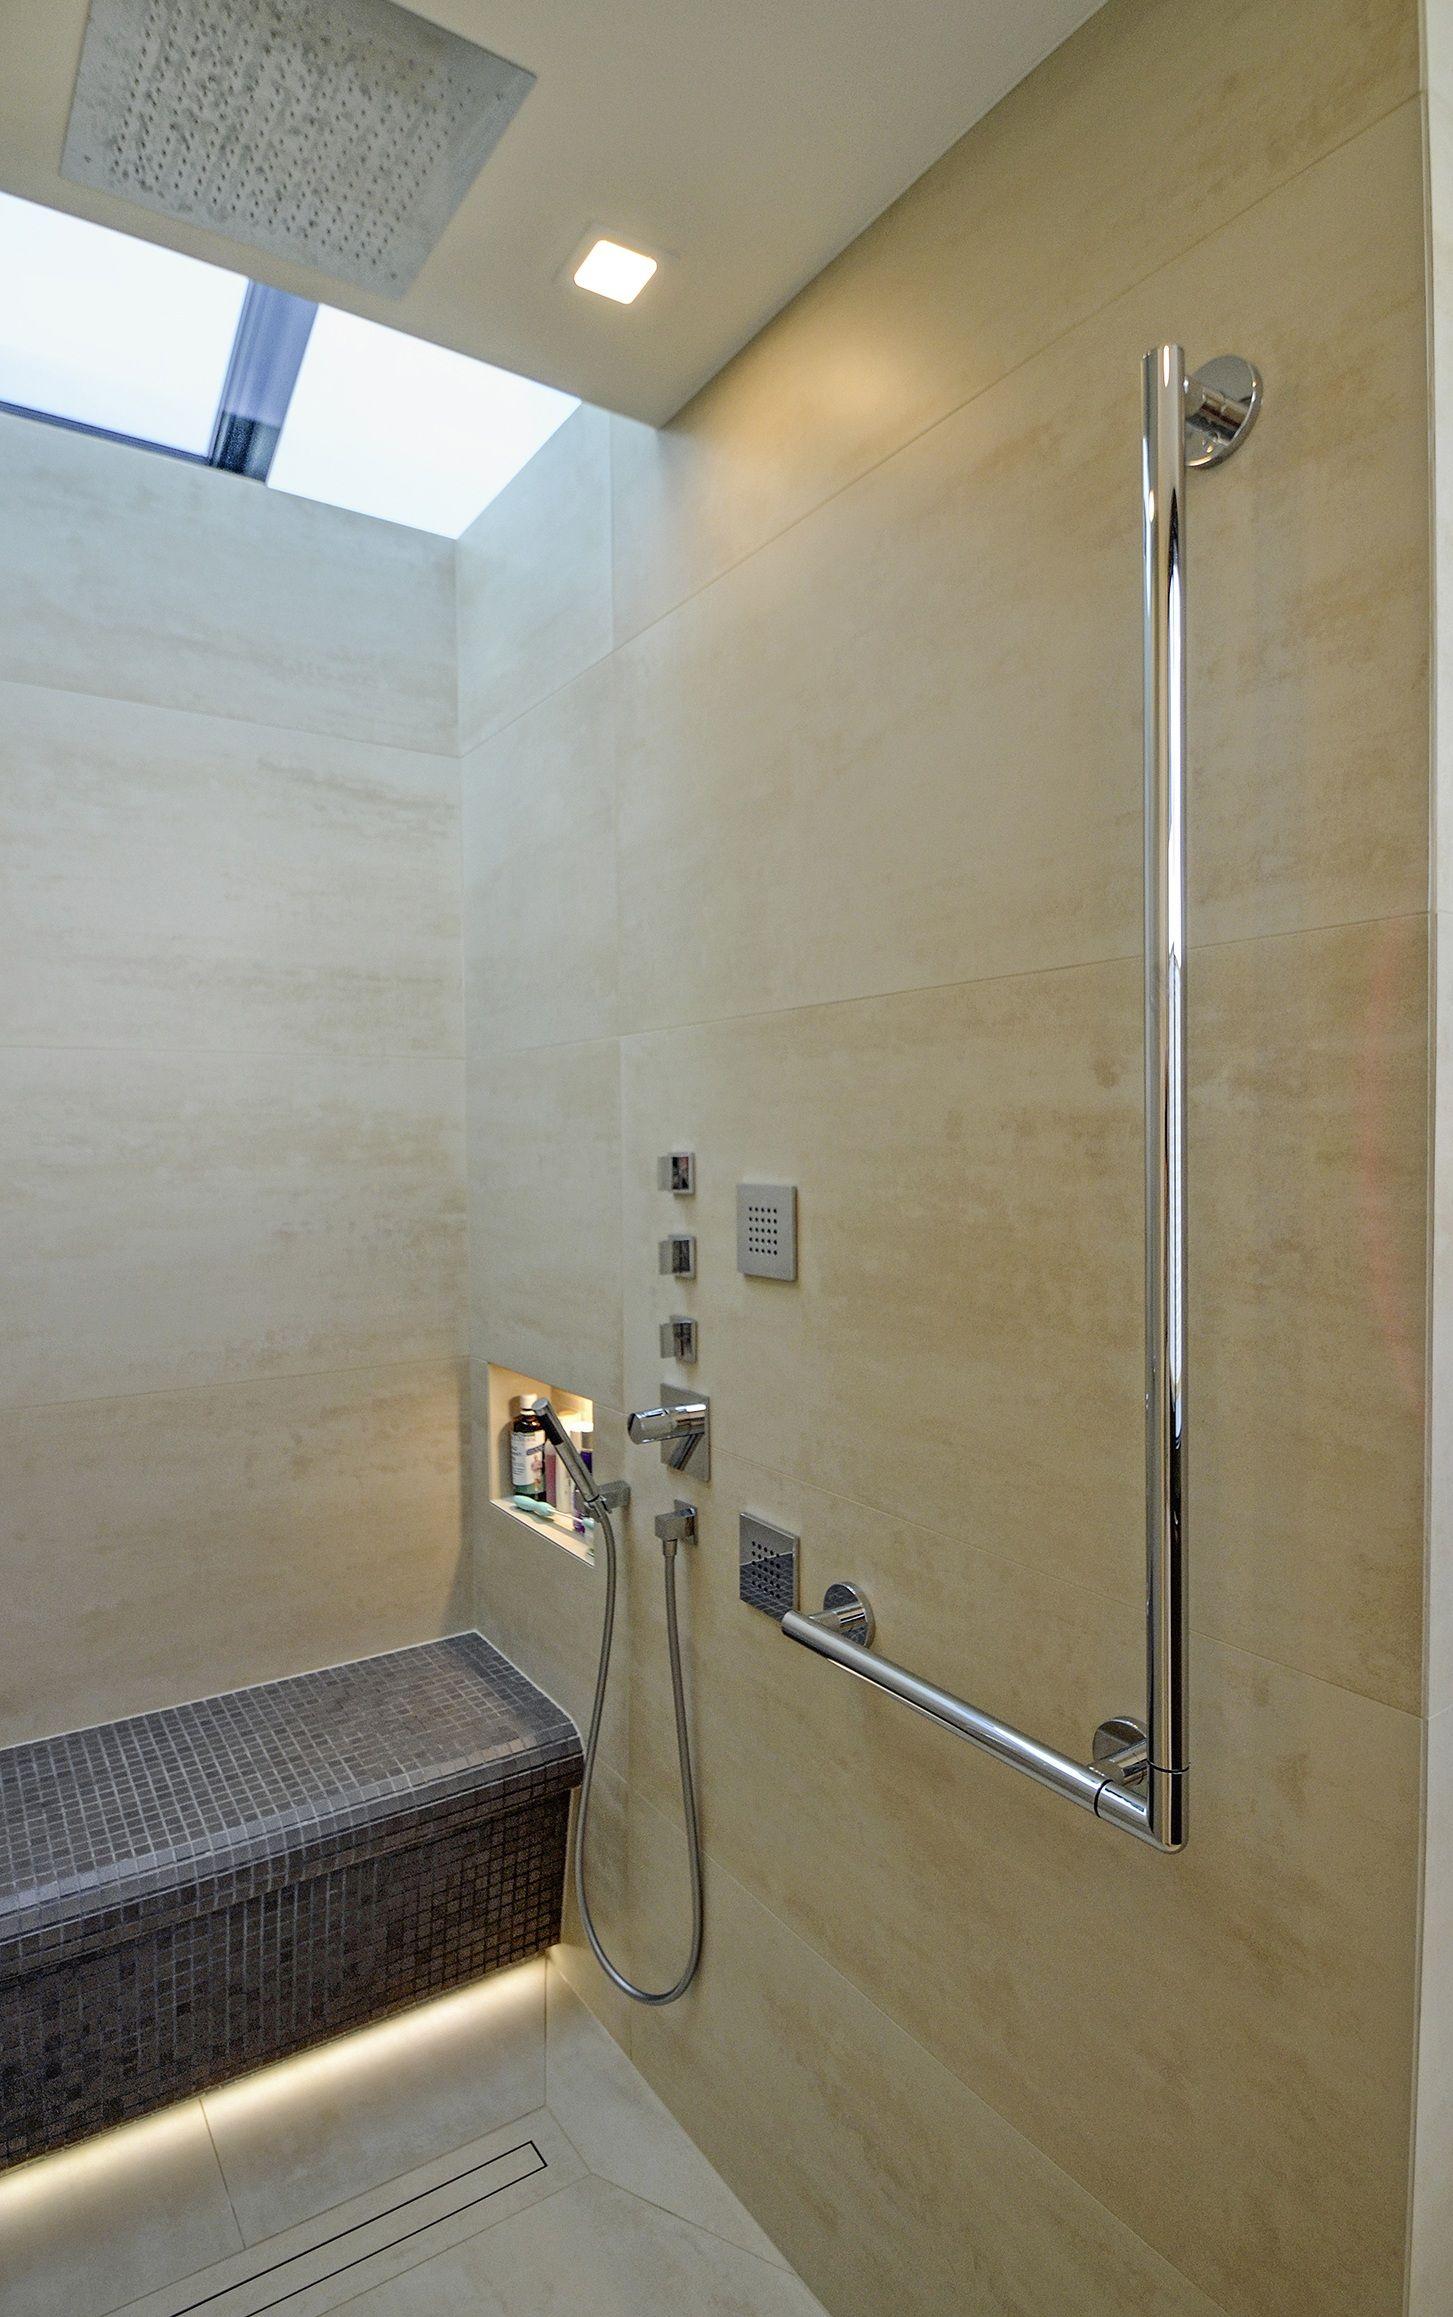 So Gestalten Sie Das Bad Generationsübergreifend Badezimmer Gestalten Moderne Dusche Behindertengerechtes Bad